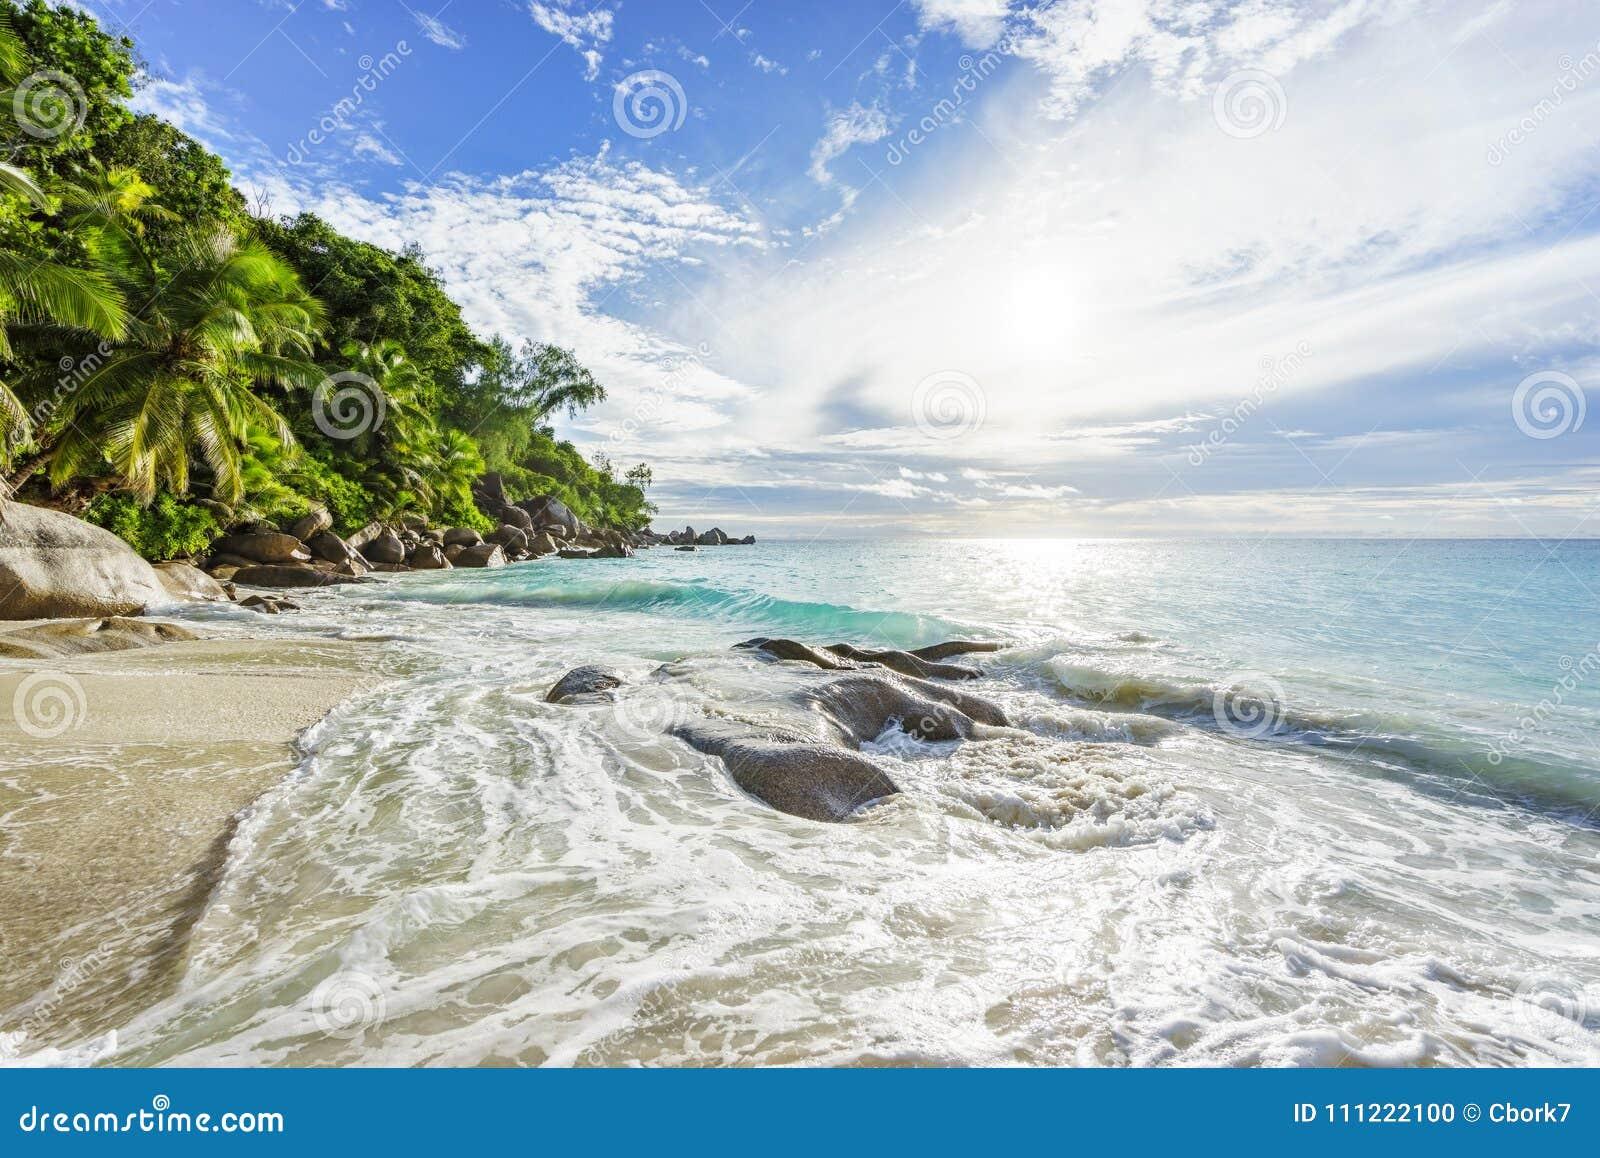 Paradijs tropisch strand met rotsen, palmen en turkoois wate